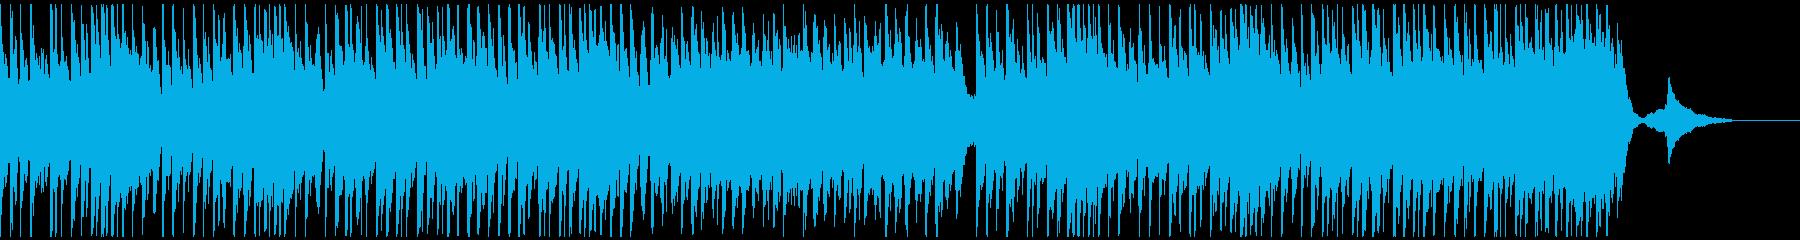 メルヘン、ファンタジックでかわいいBGMの再生済みの波形